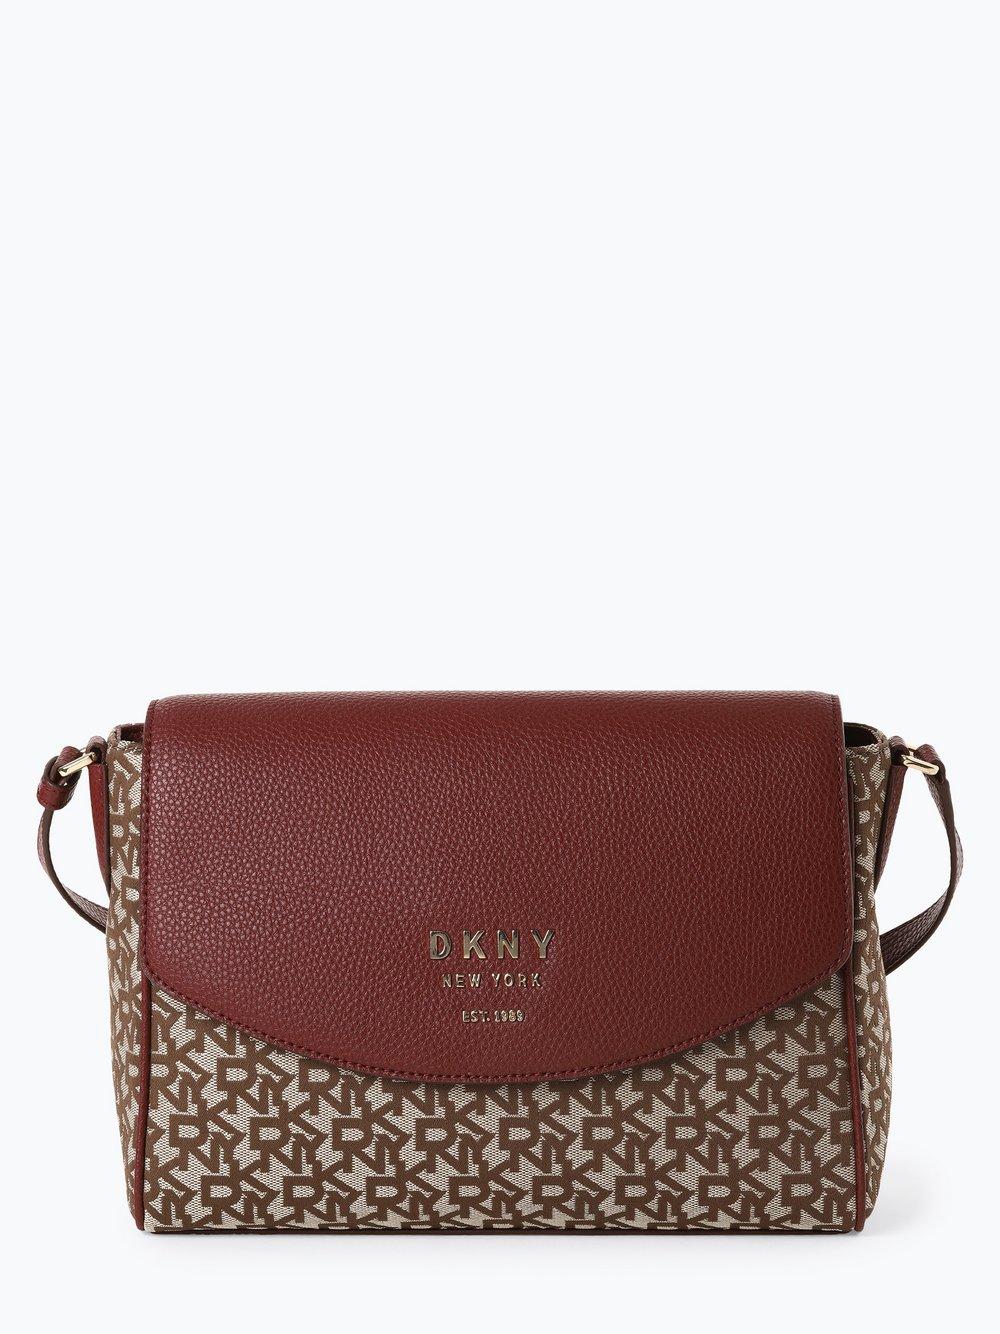 DKNY - Damska torba na ramię – Noho, czerwony